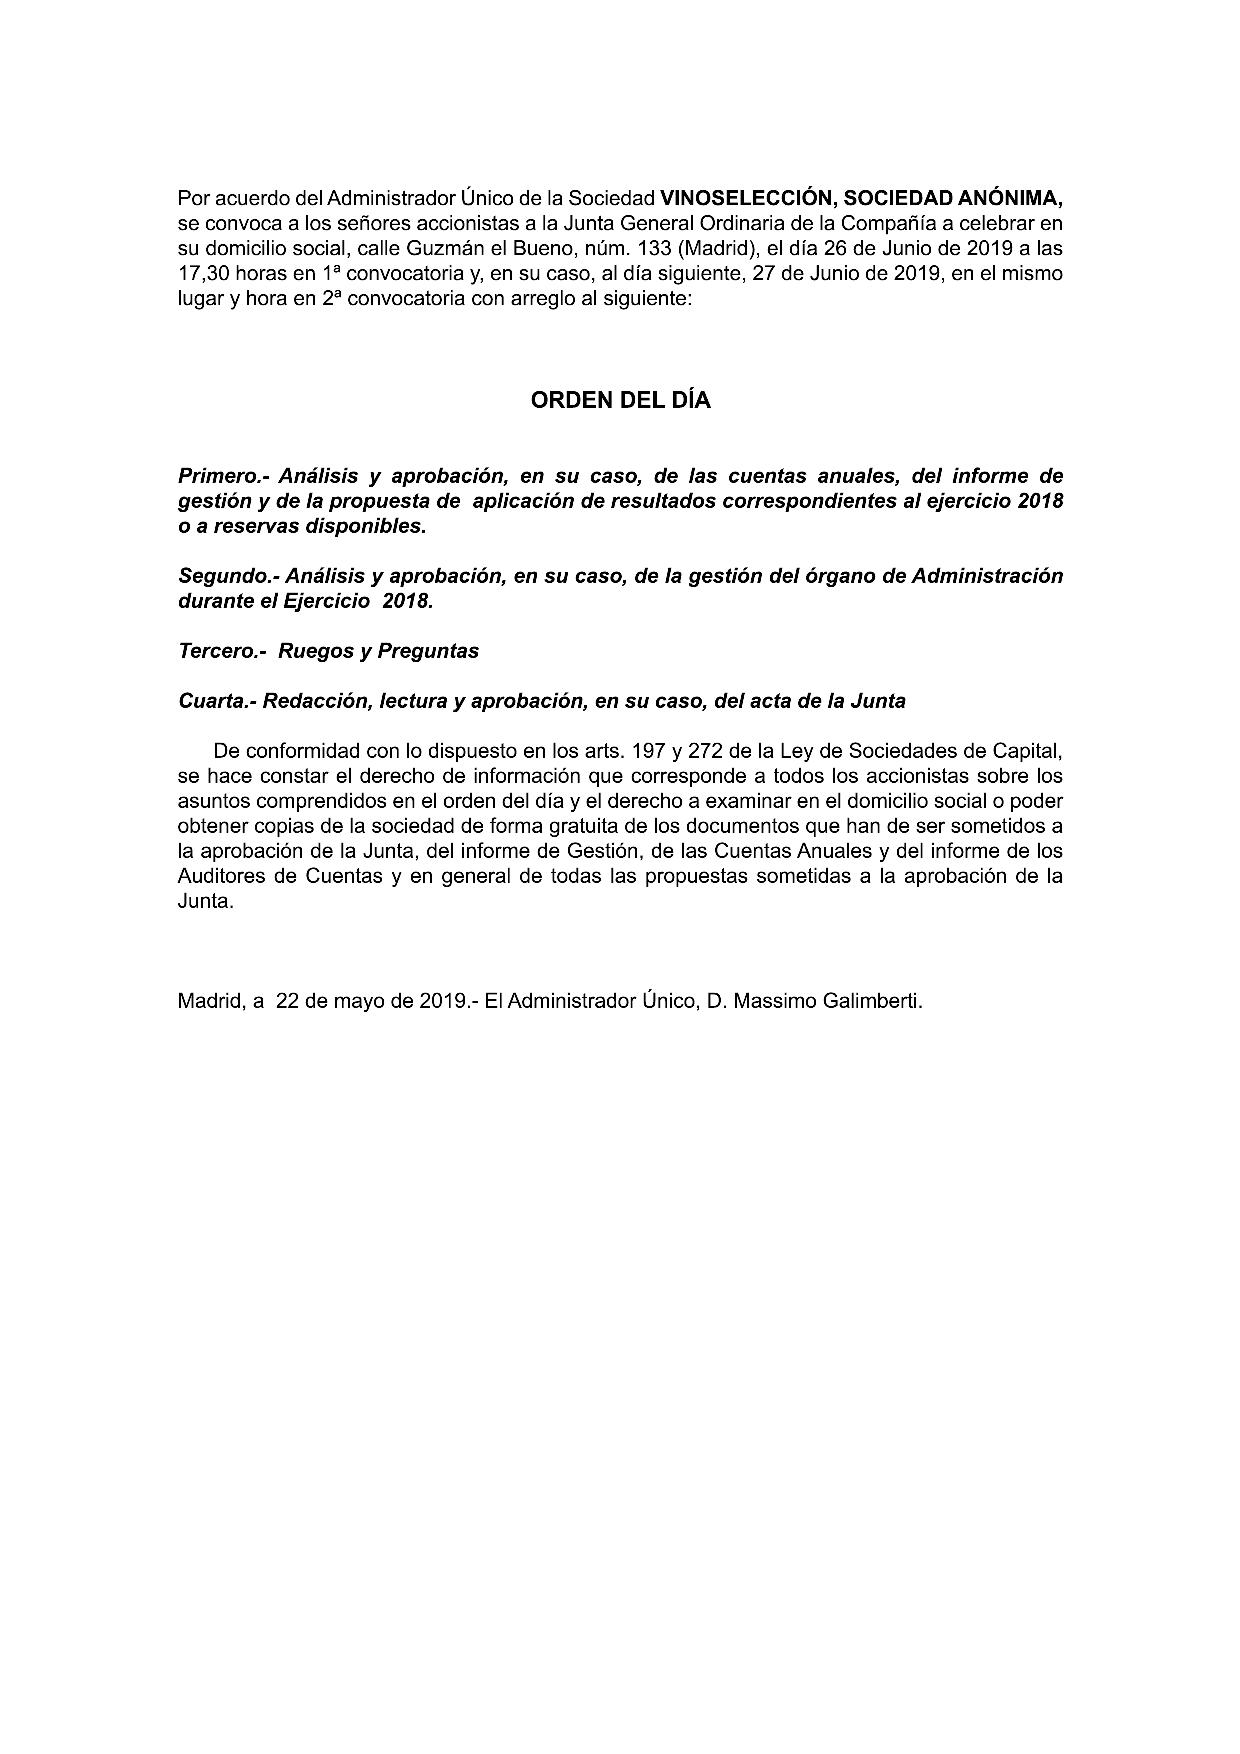 convocatoria-a-junta-2019-06-26